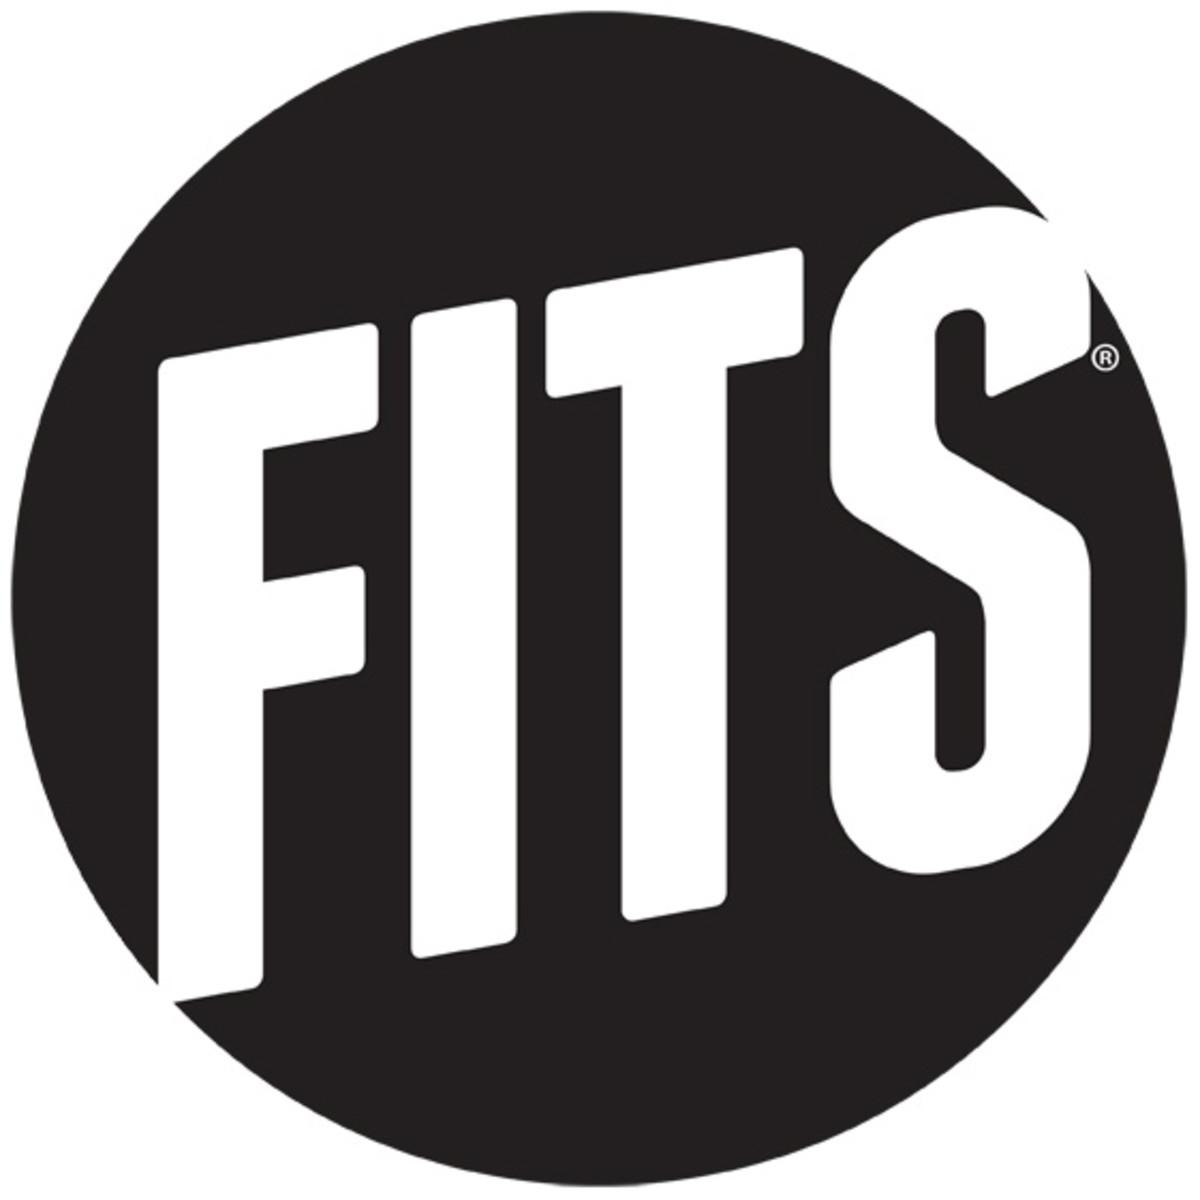 FITS® Announces New Men\'s Center City Line.